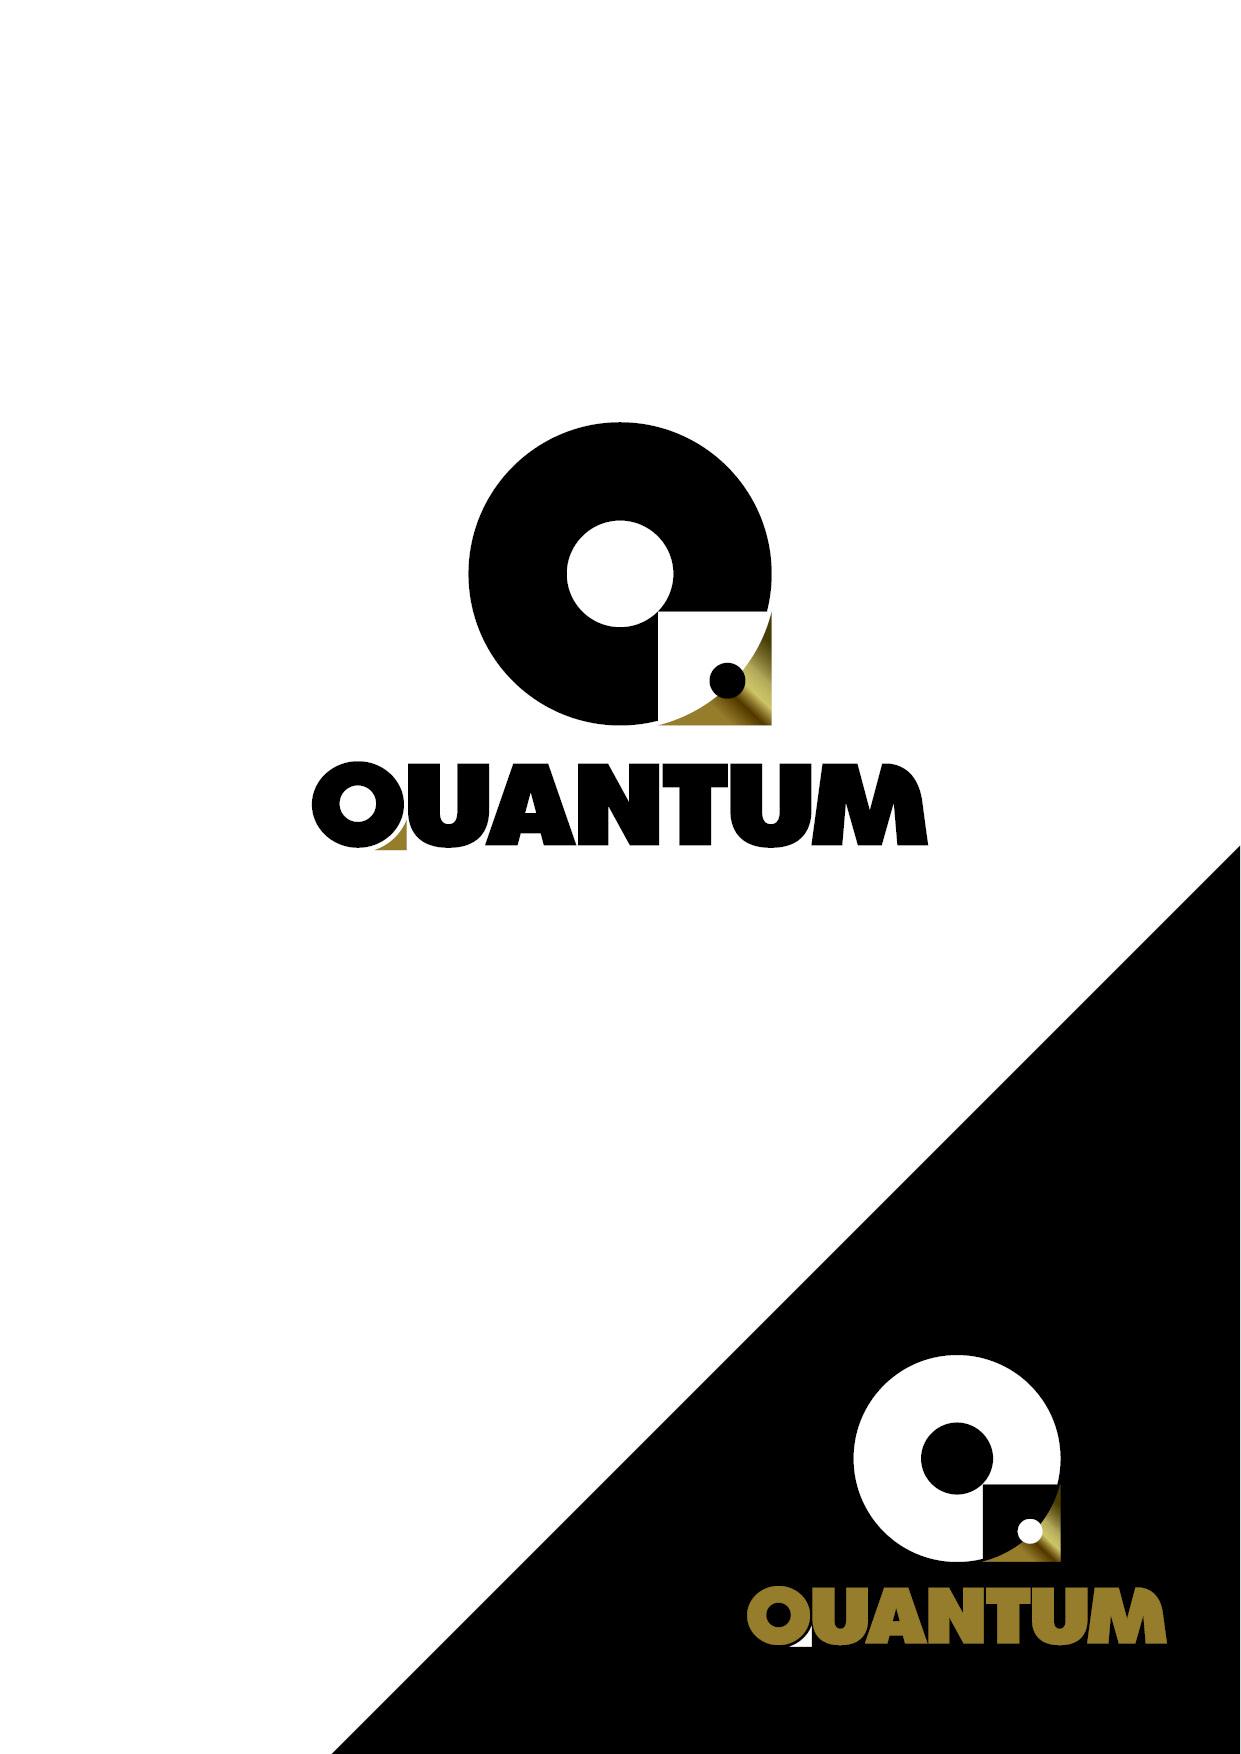 Редизайн логотипа бренда интеллектуальной игры фото f_8695bbfb48430c61.jpg